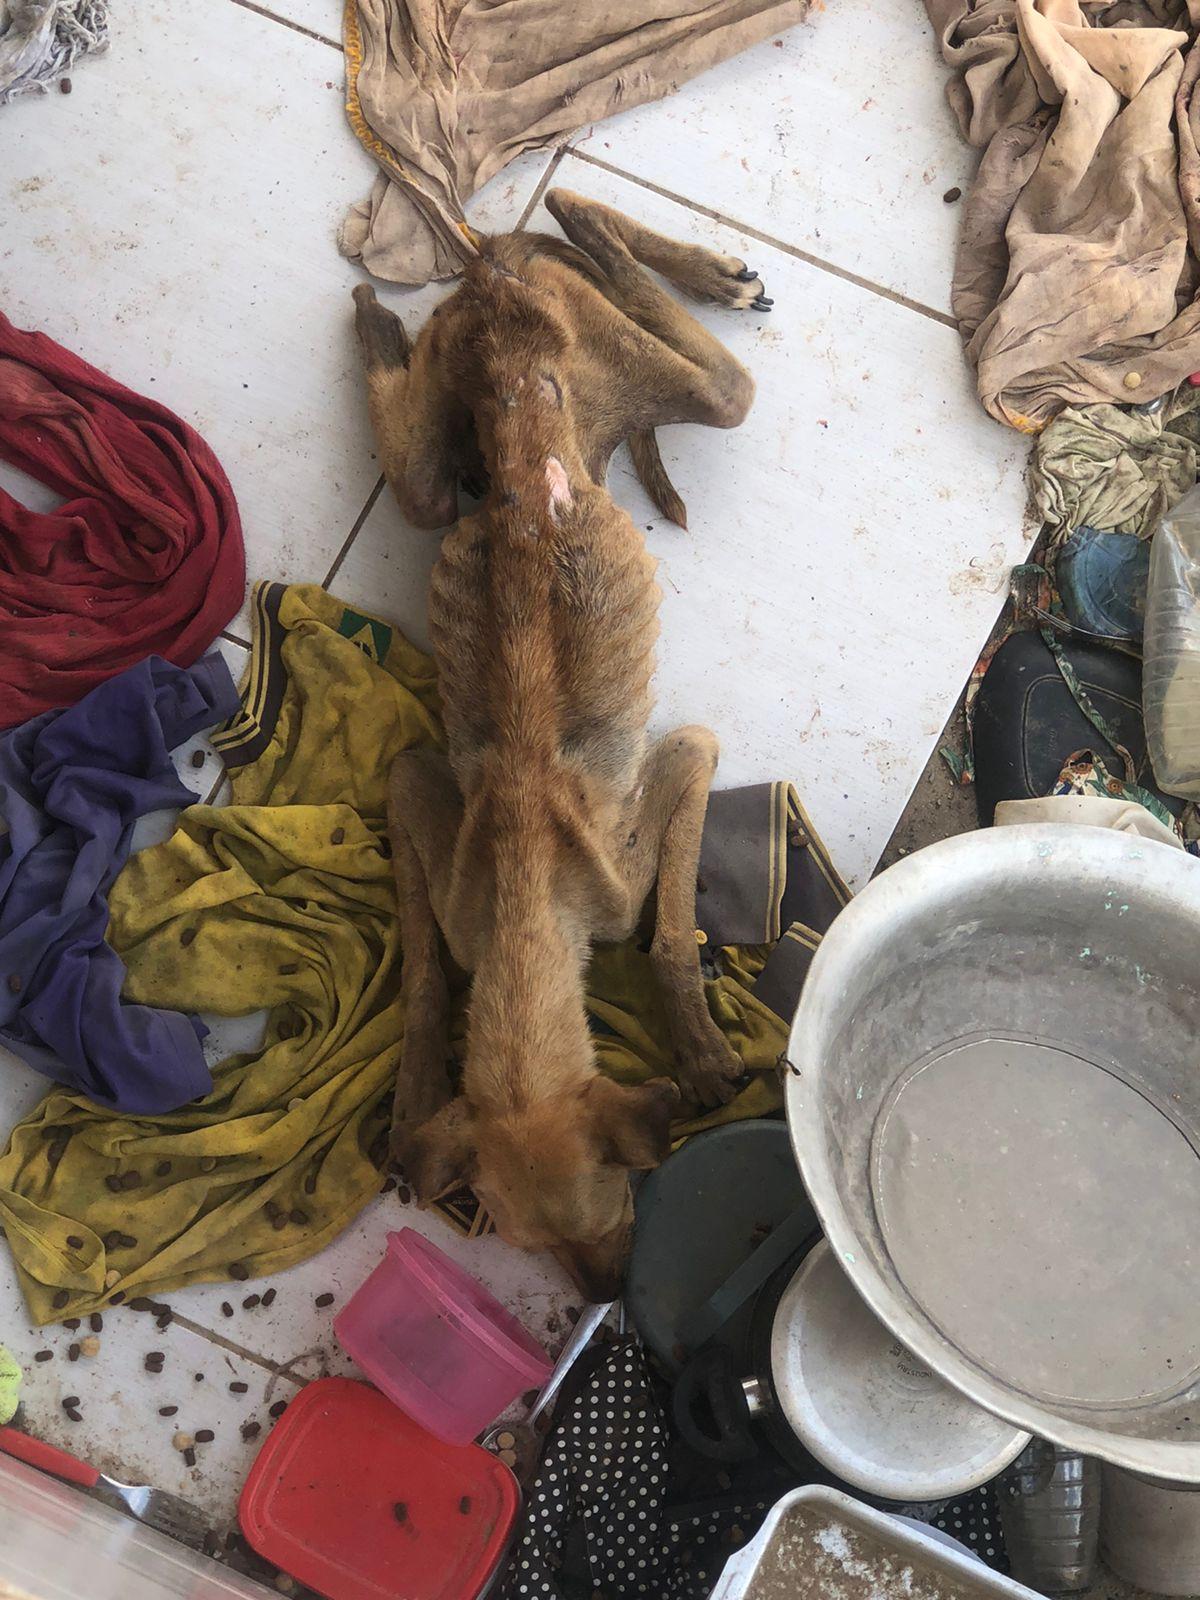 WhatsApp-Image-2021-08-31-at-03.05.23 Polícia resgata cachorros mantidos em situação de maus-tratos em Monteiro